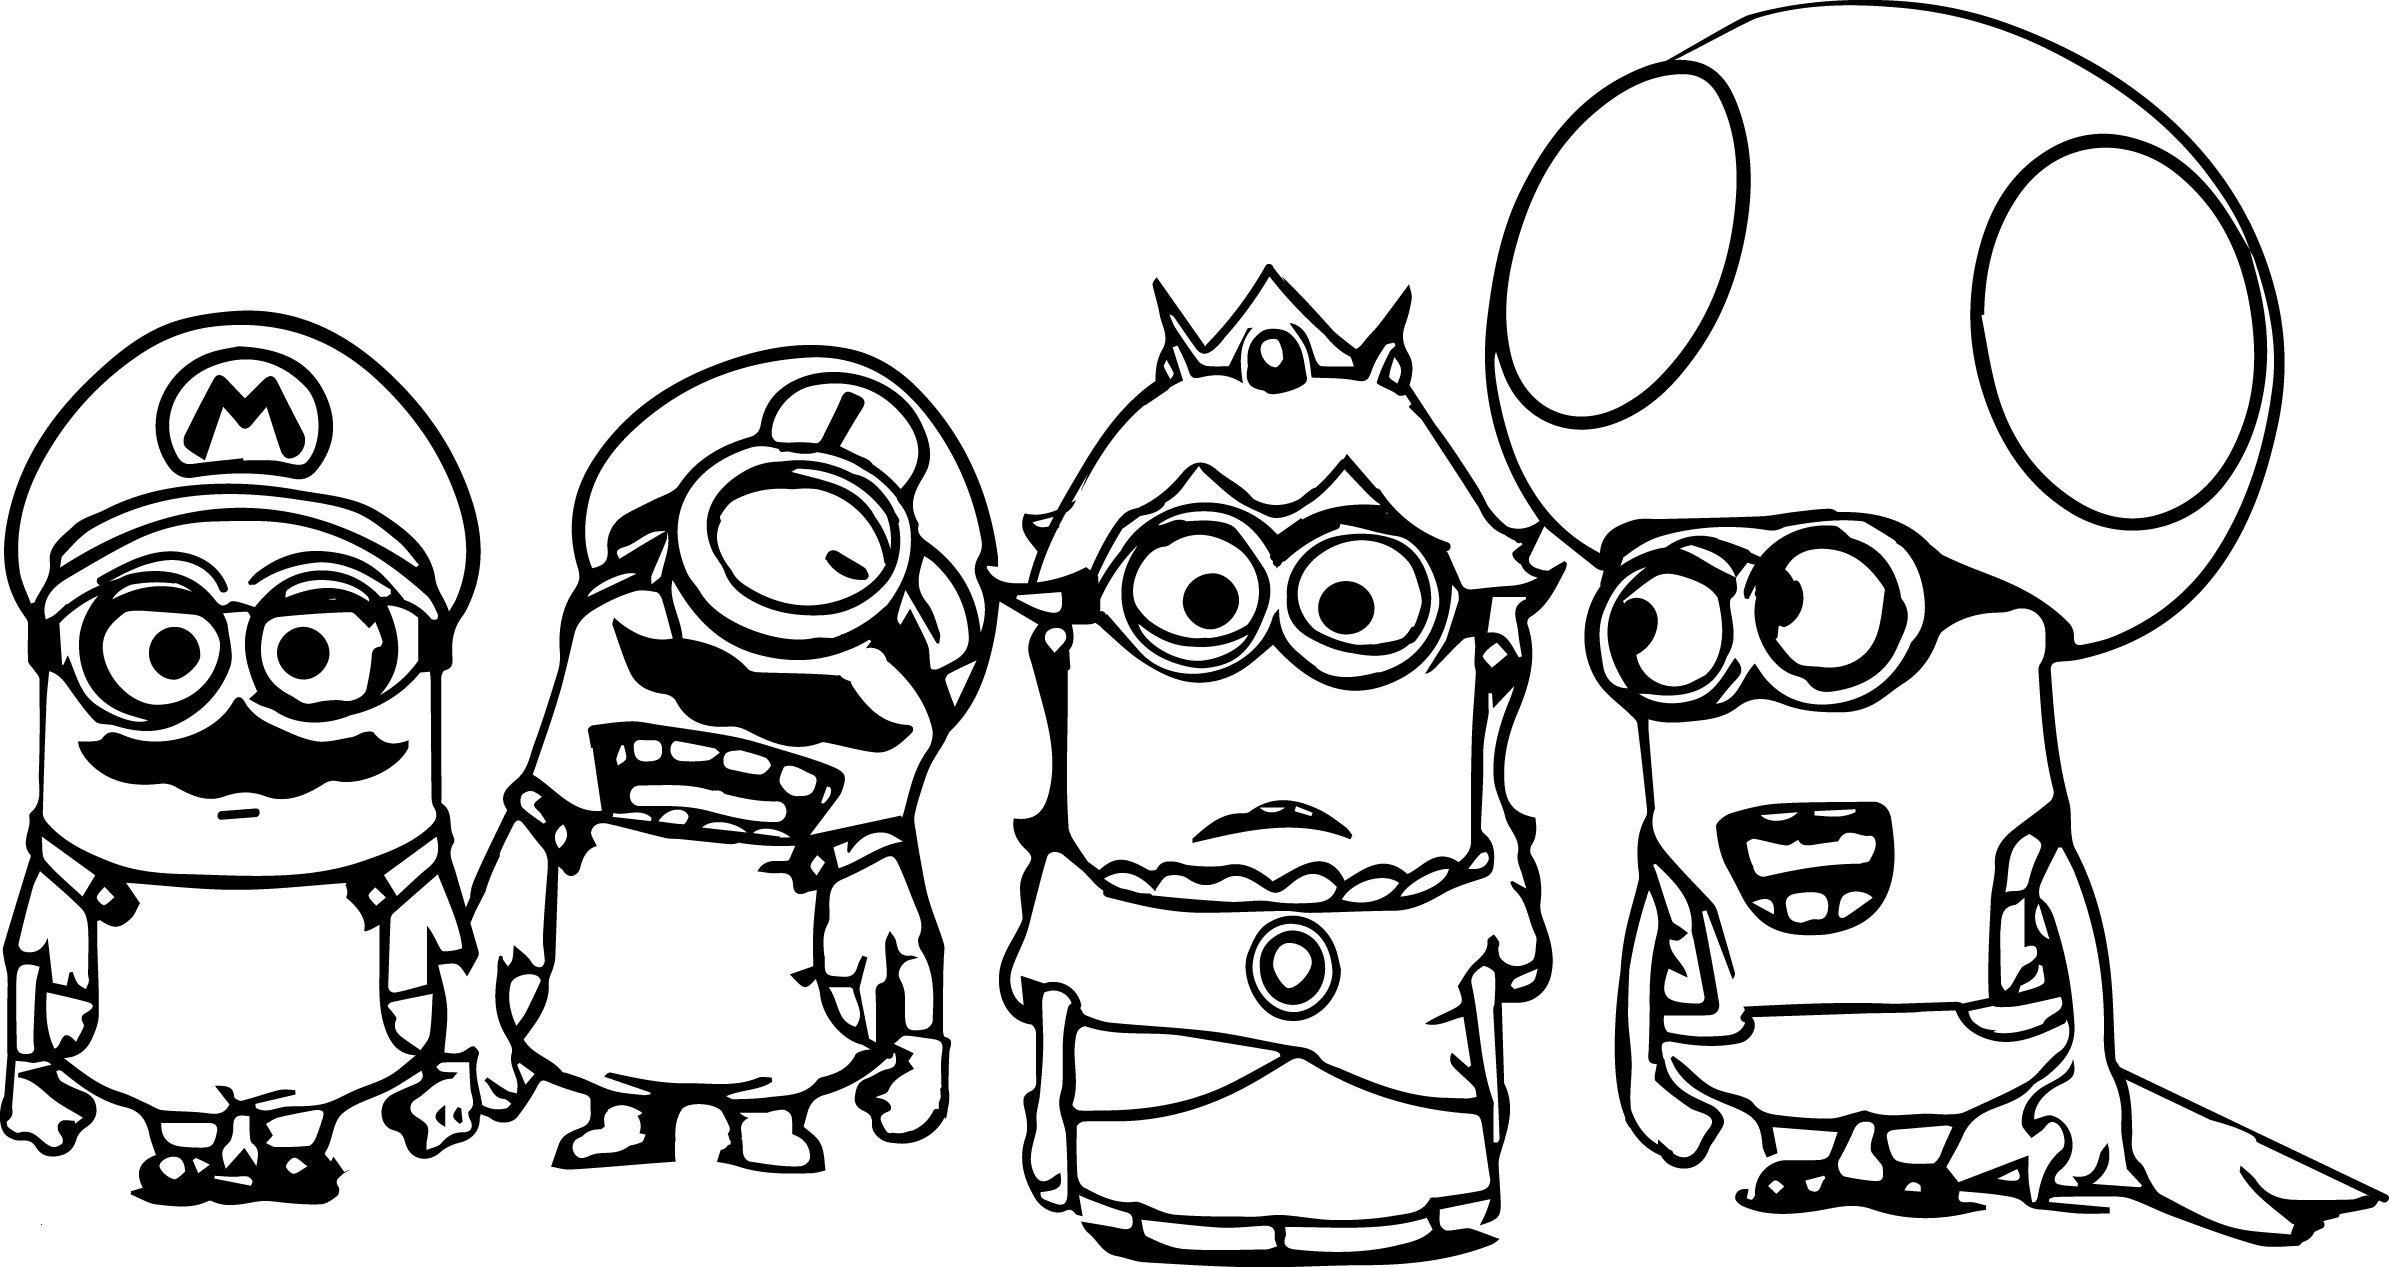 Minion Zum Ausmalen Frisch Ausmalbilder Zum Ausdrucken Minions Uploadertalk Frisch Ninjago Das Bild